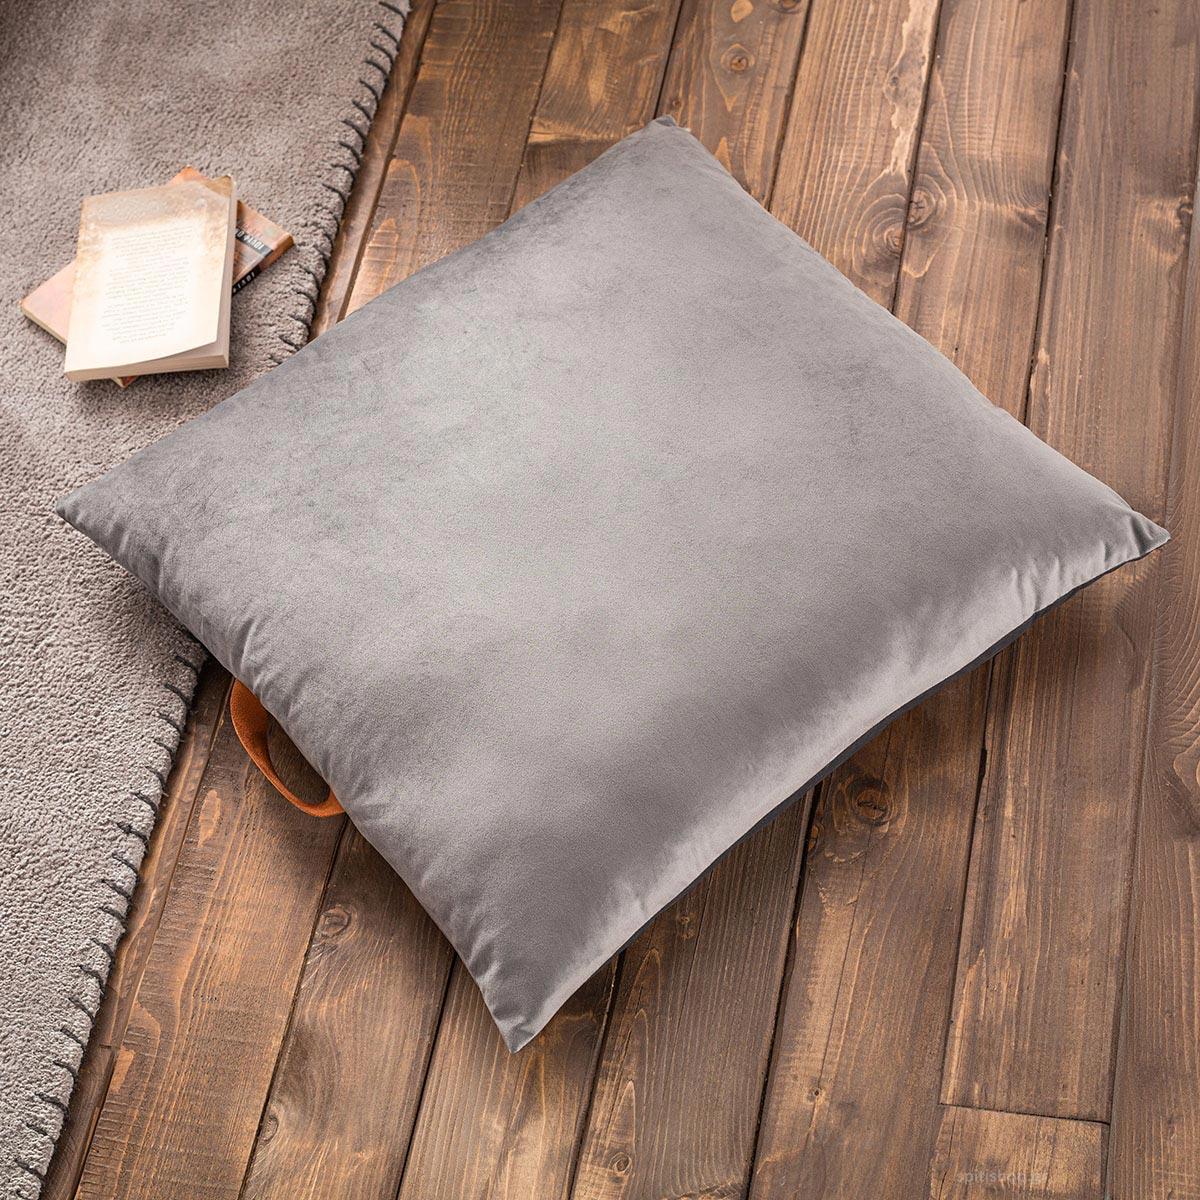 Θήκη Μαξιλάρας (65×65) Gofis Home Winter Grey 711/15